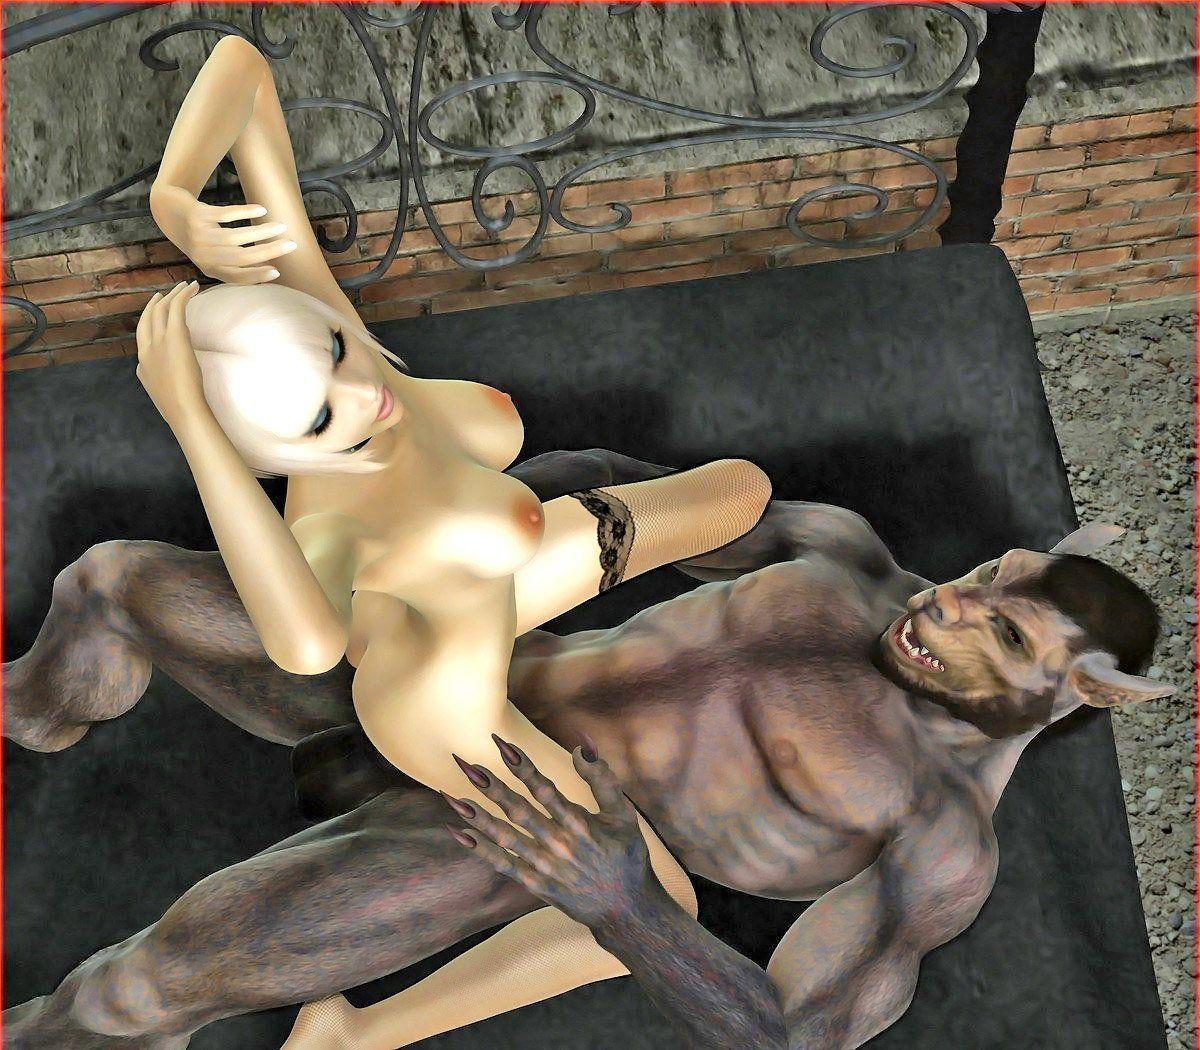 Something herzliya sex slut in there